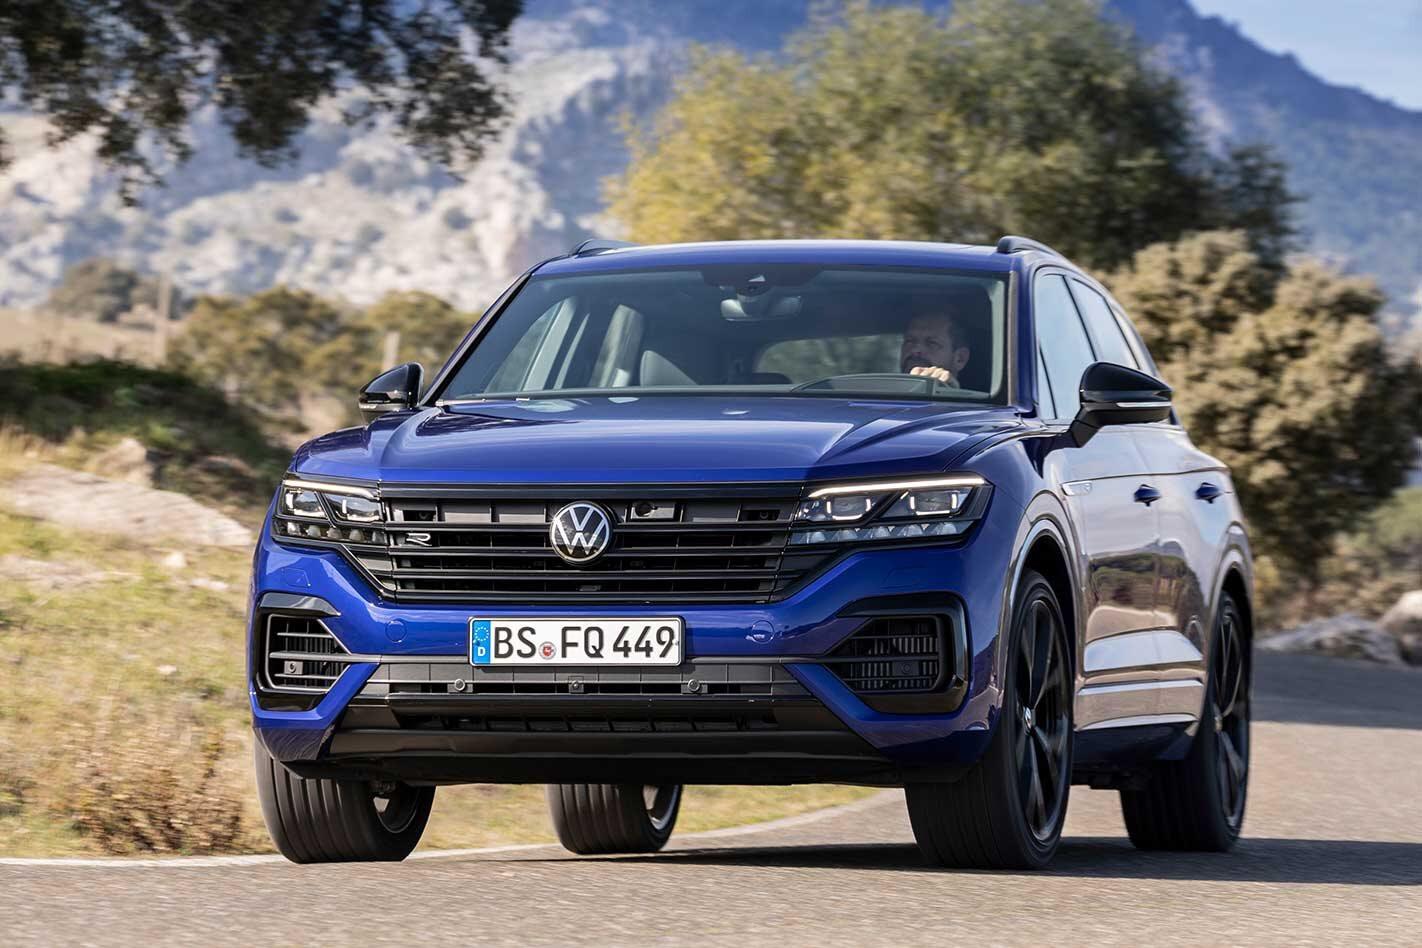 Volkswagen Touareg R revealed